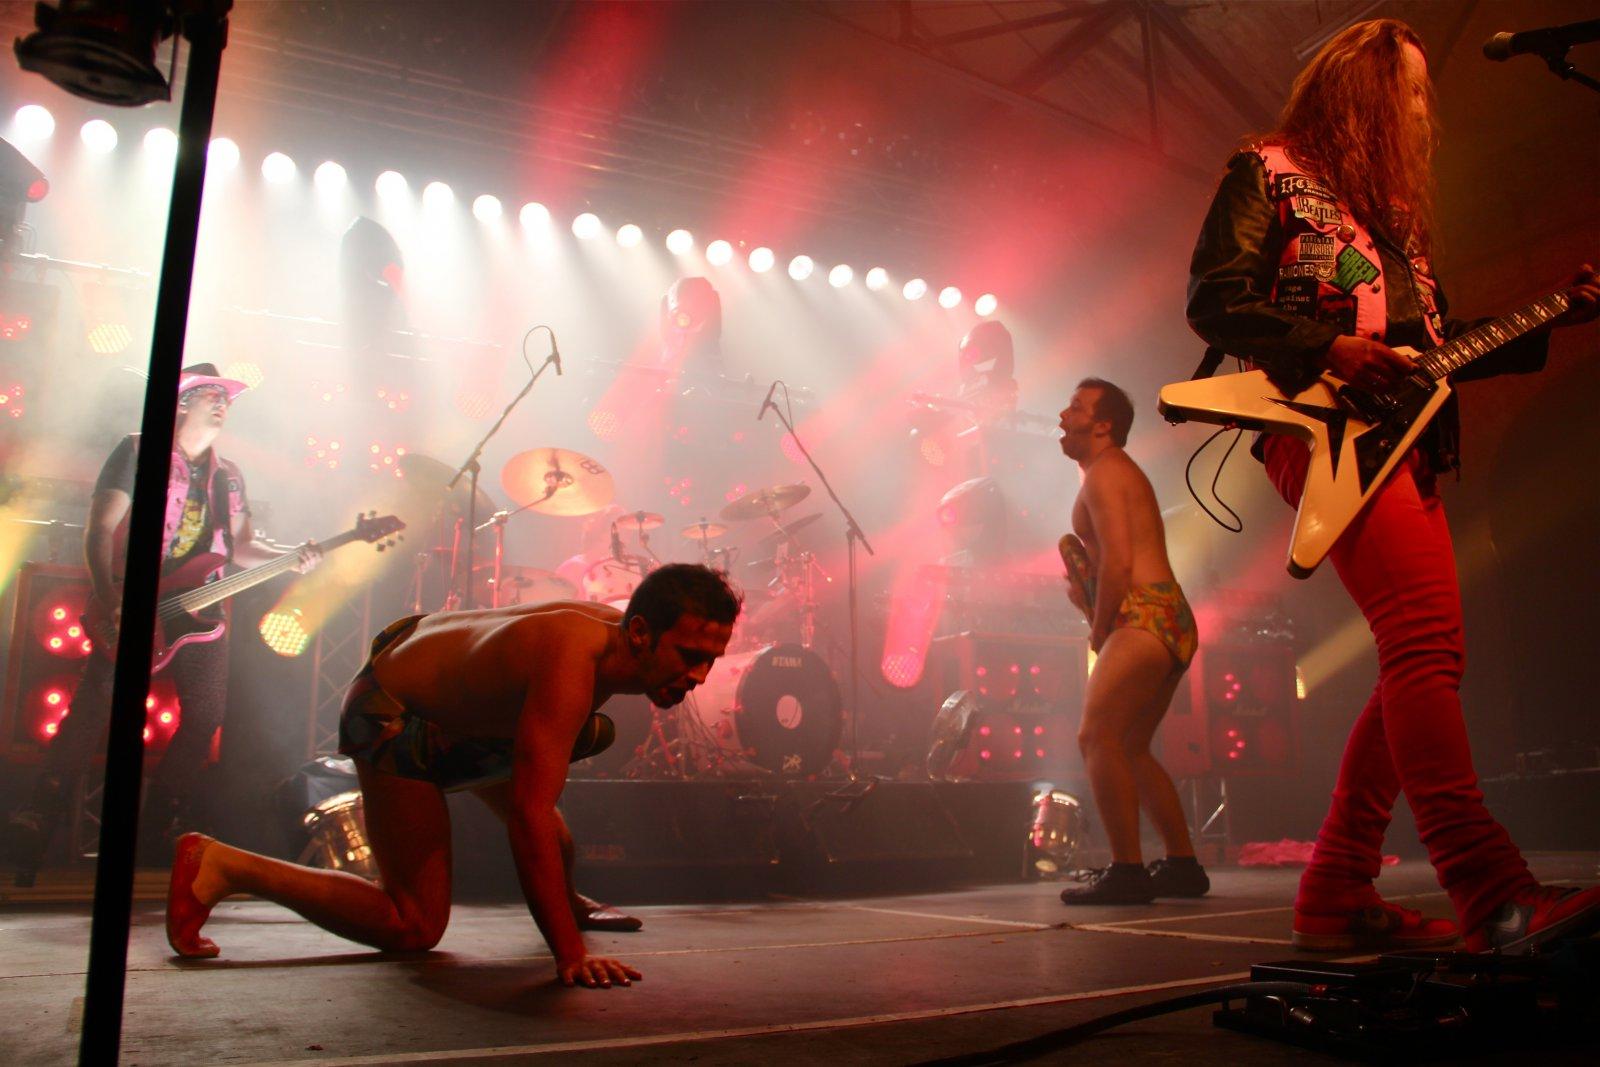 052 - J.B.O. @ Reithalle Dresden, 09.12.2011 - Foto von Andrea Jaeckel-Dobschat